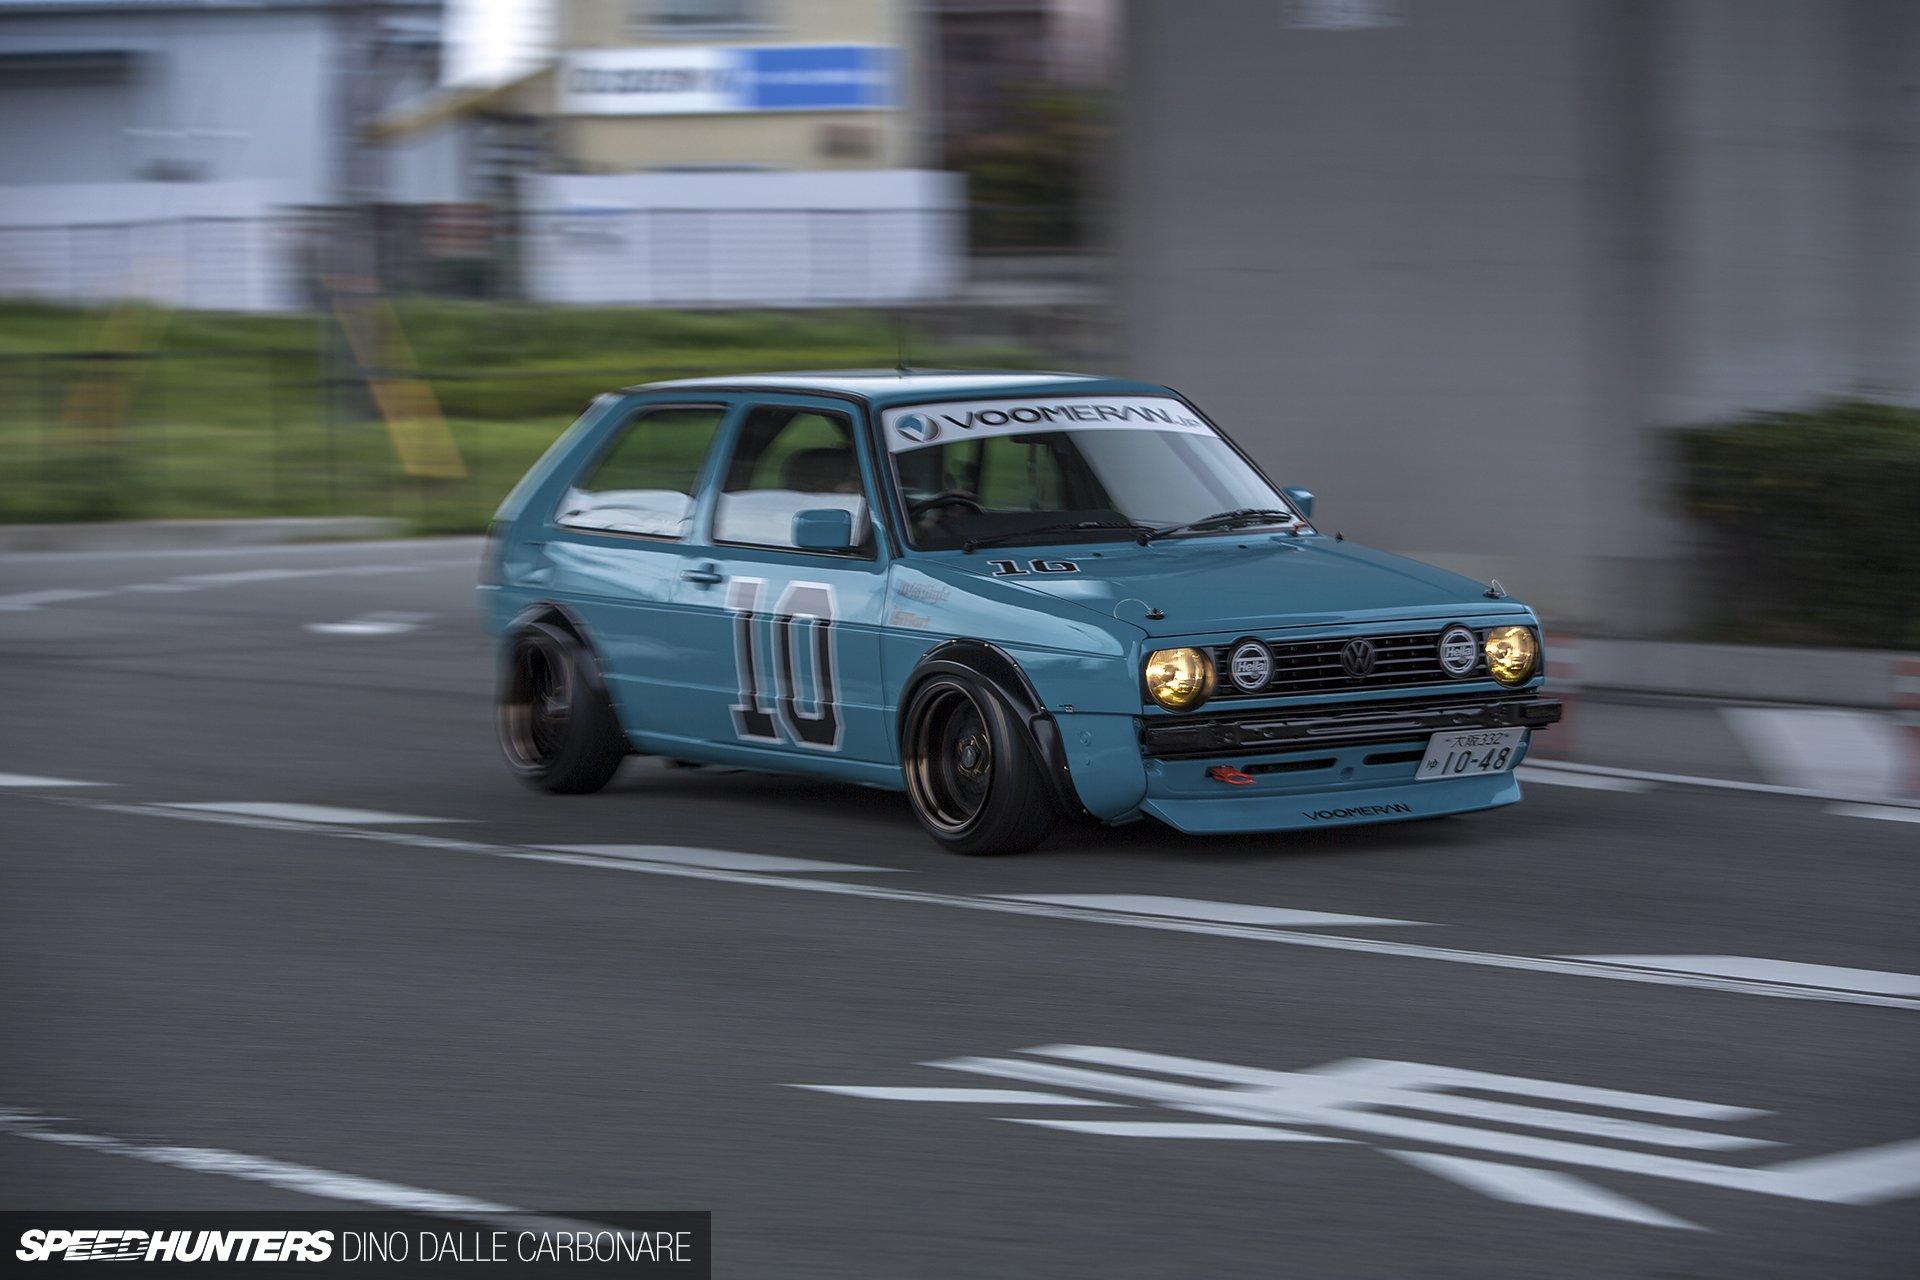 Mk Gti Race Car